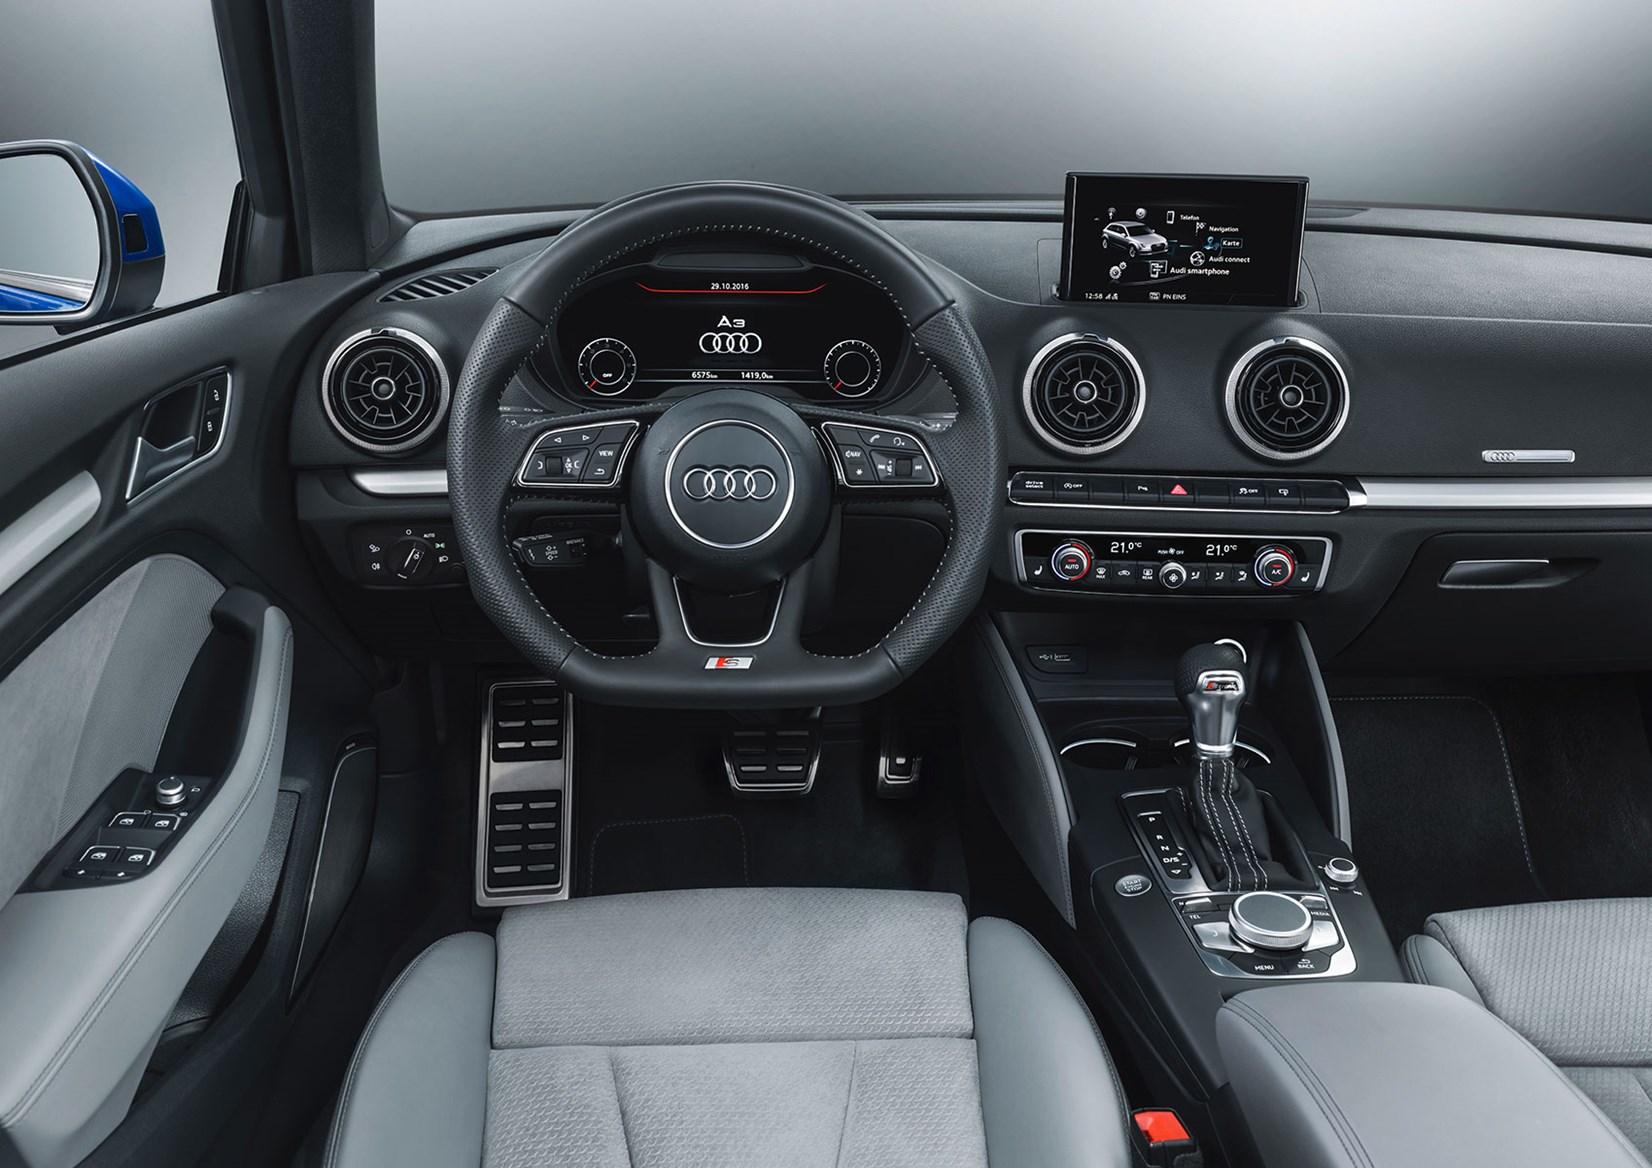 Audi A3 S Line: should you choose this trim?   Parkers